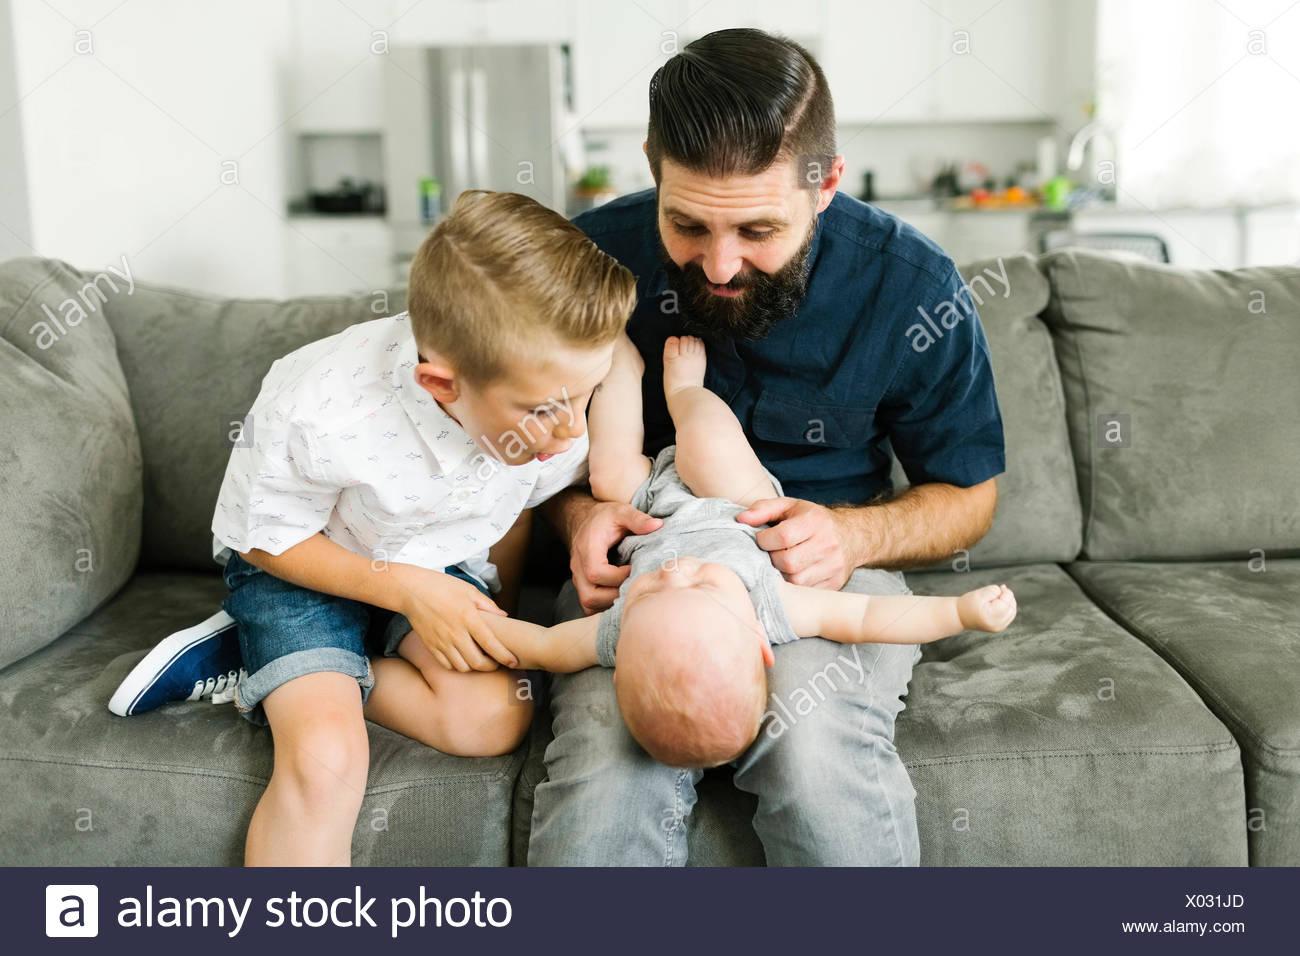 Padre e hijo (6-7) jugando con Baby Boy (6-11 meses) en la sala de estar Imagen De Stock